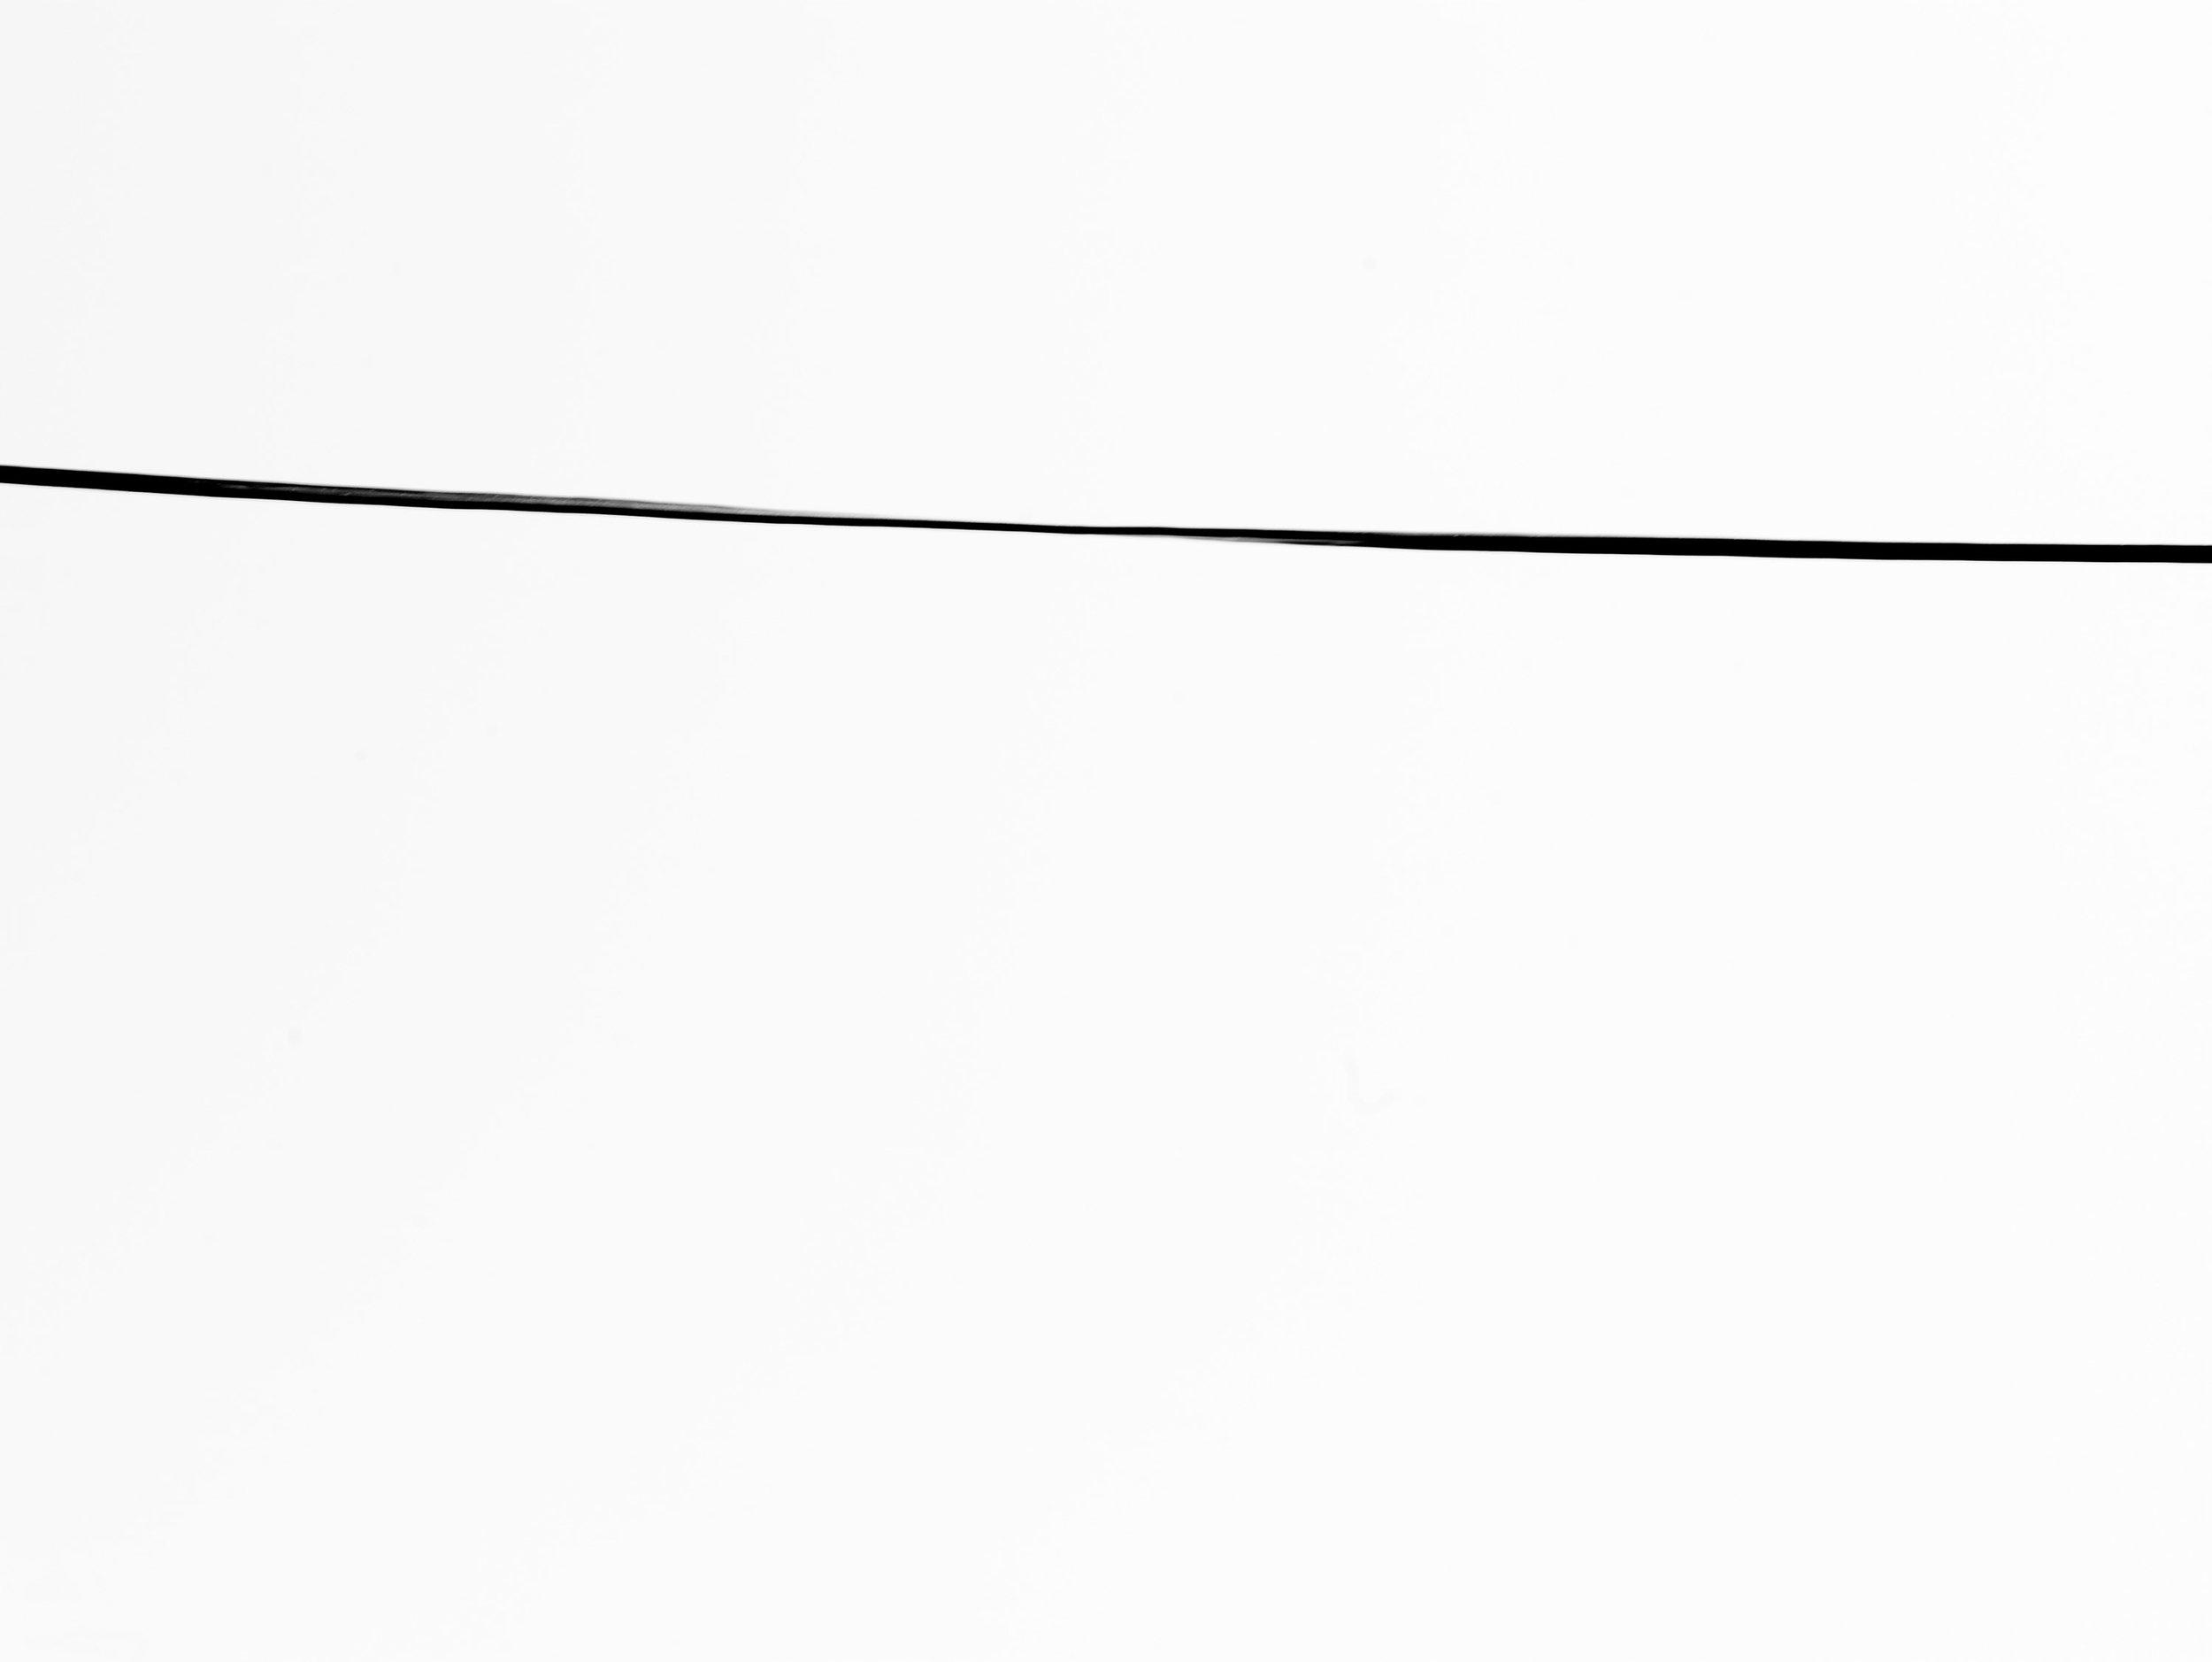 lines-008.jpg